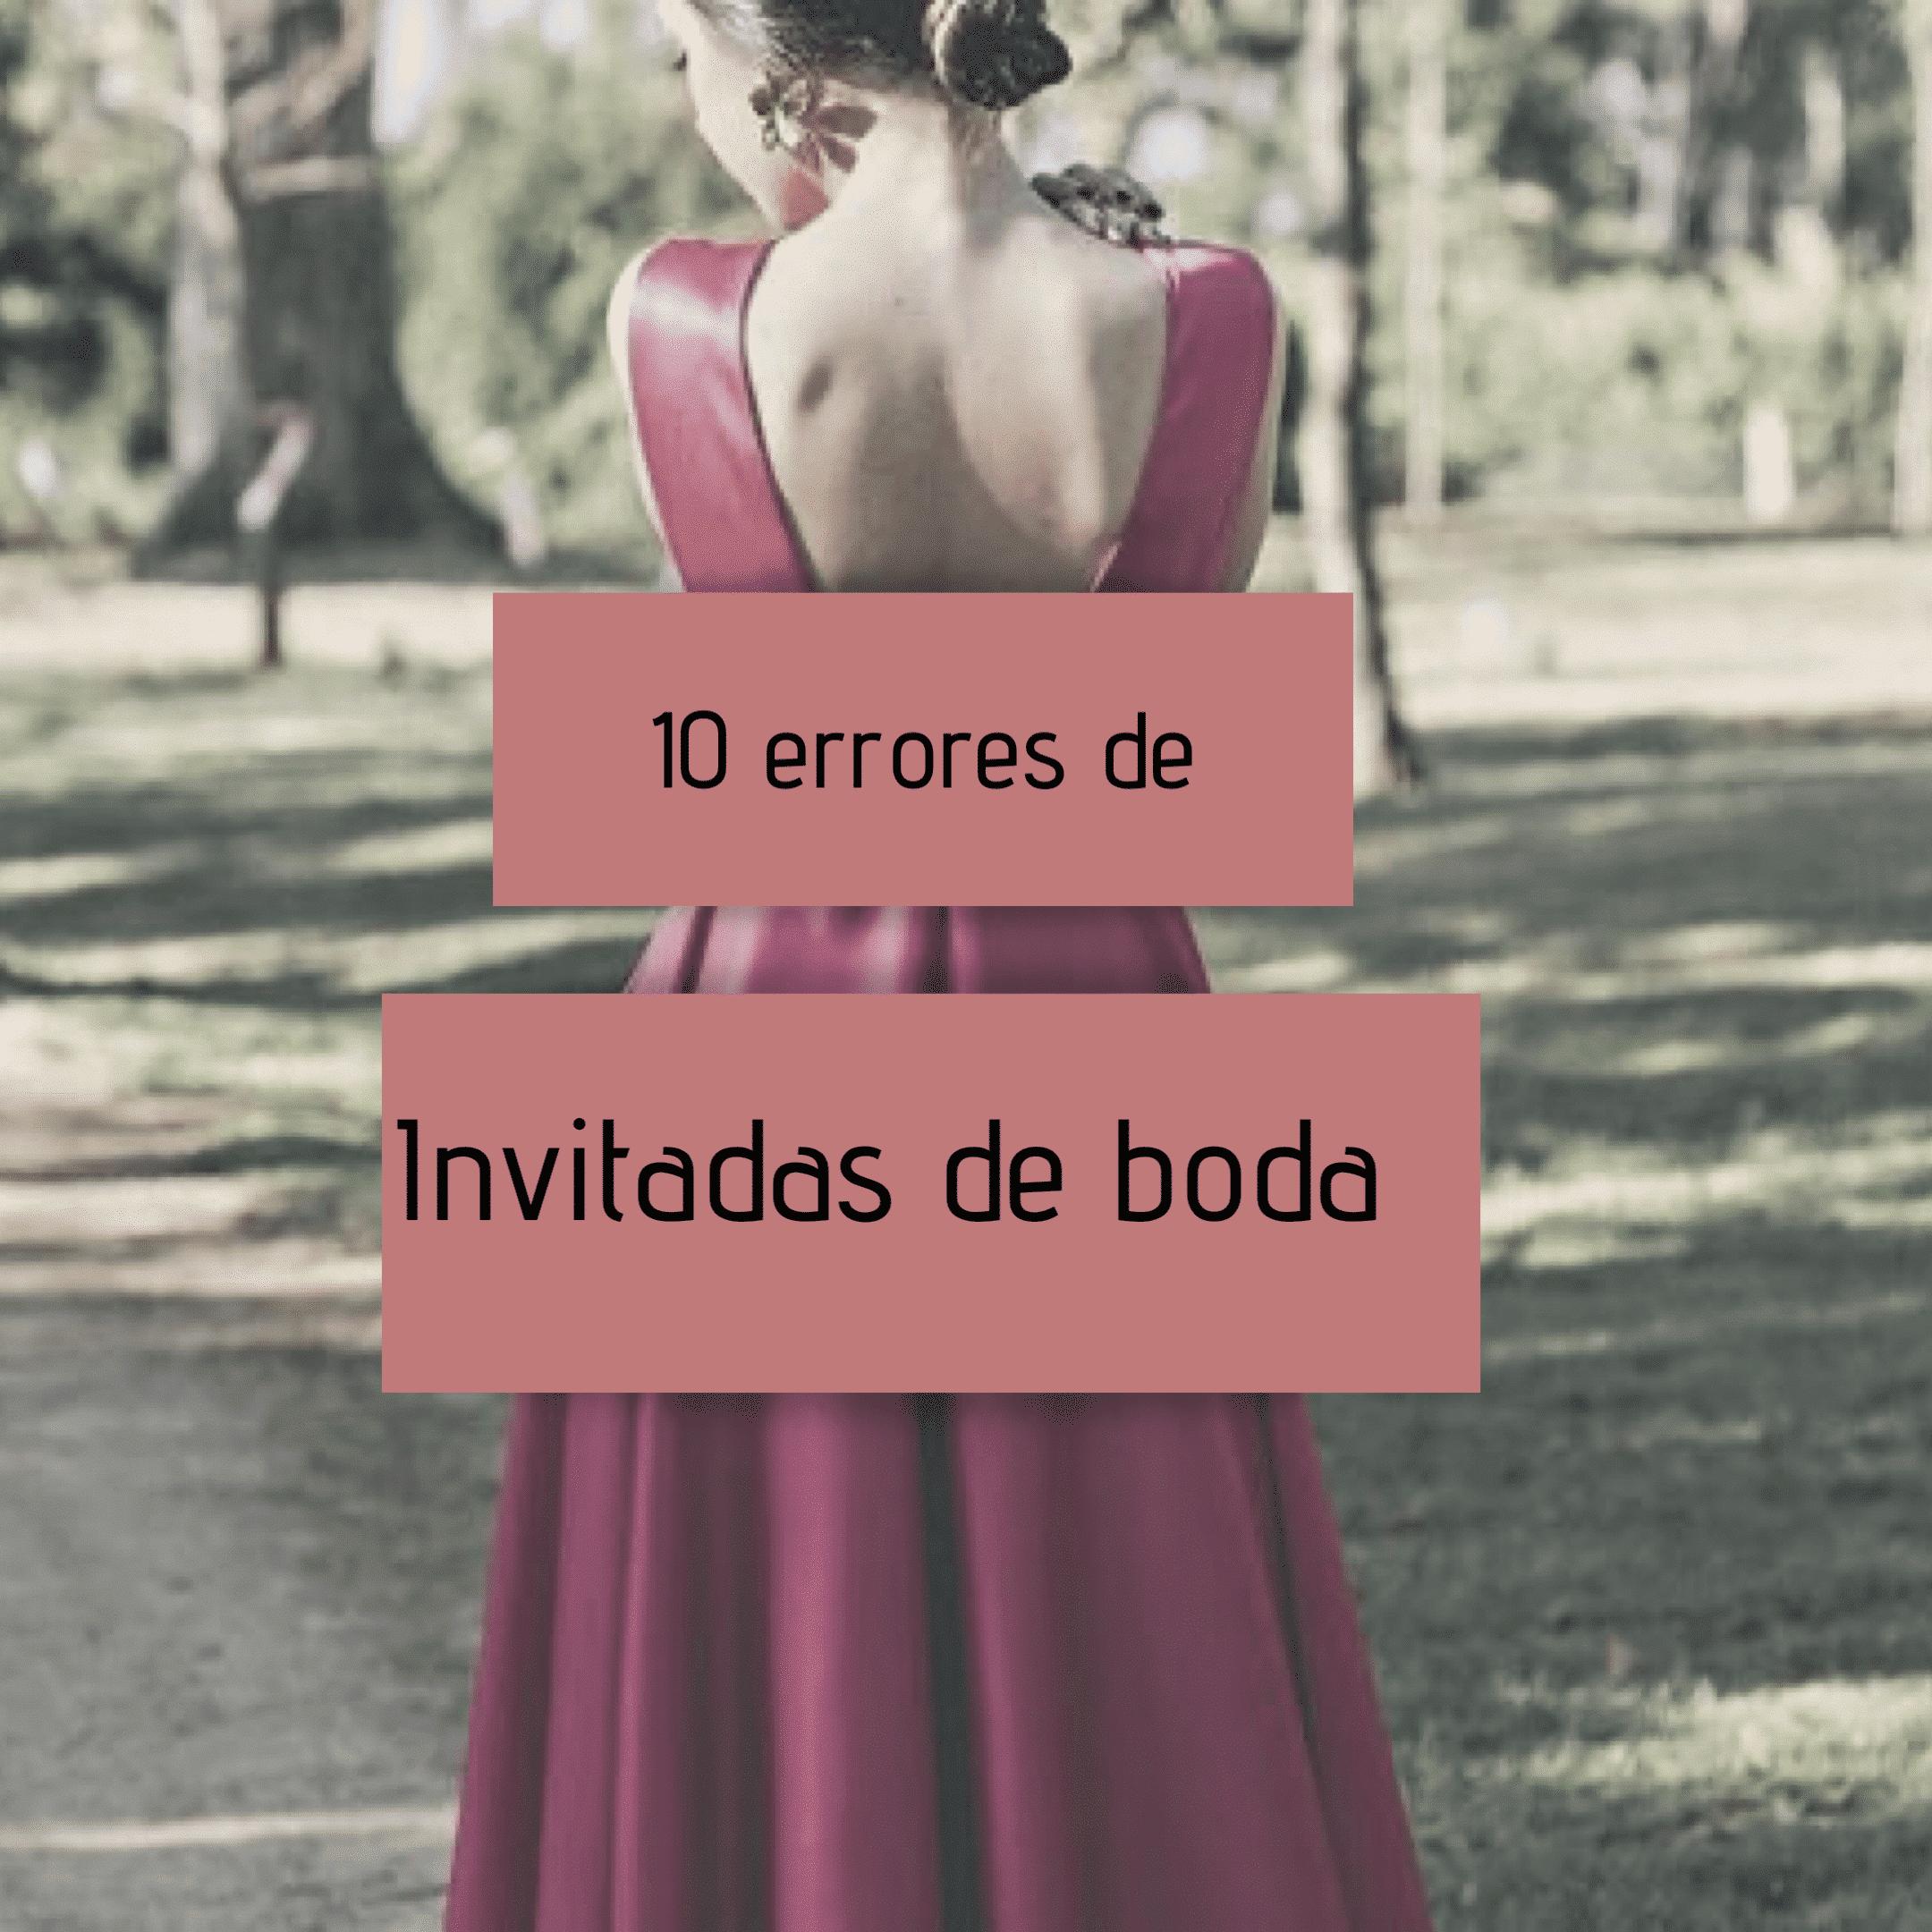 10 errores de invitadas de boda